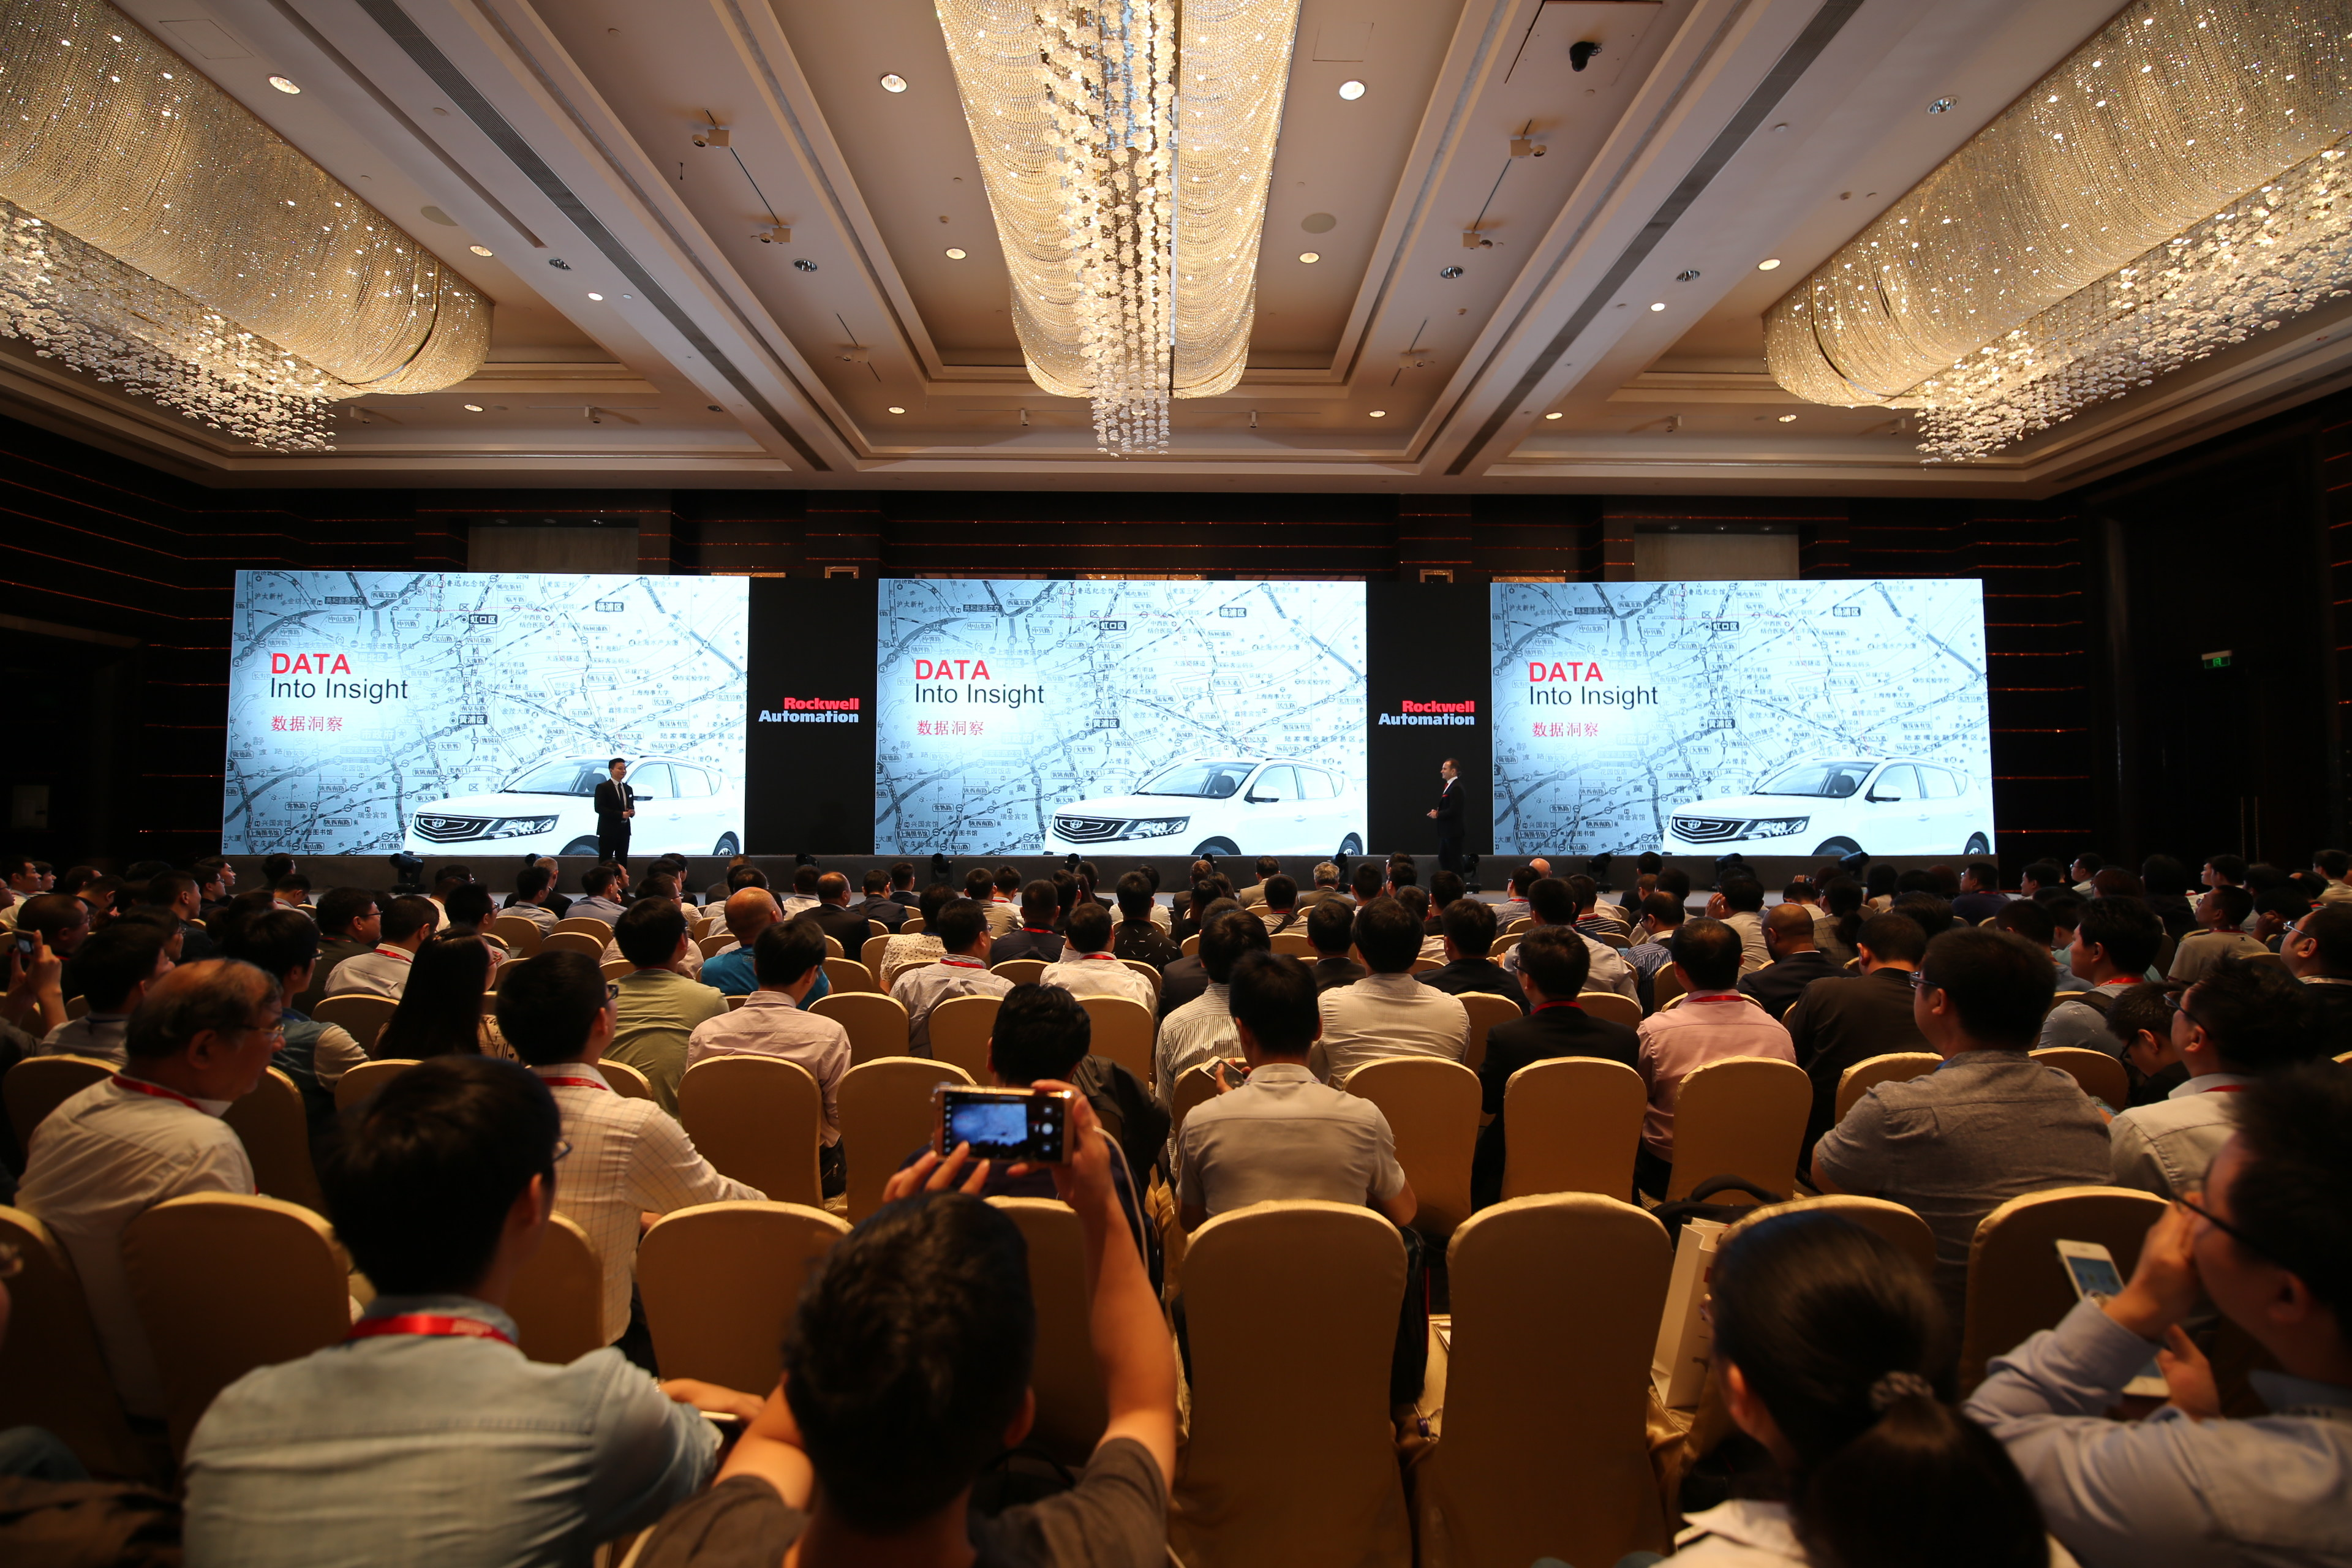 罗克韦尔大红鹰dhy0088化全球路演南京站 现场照片 1